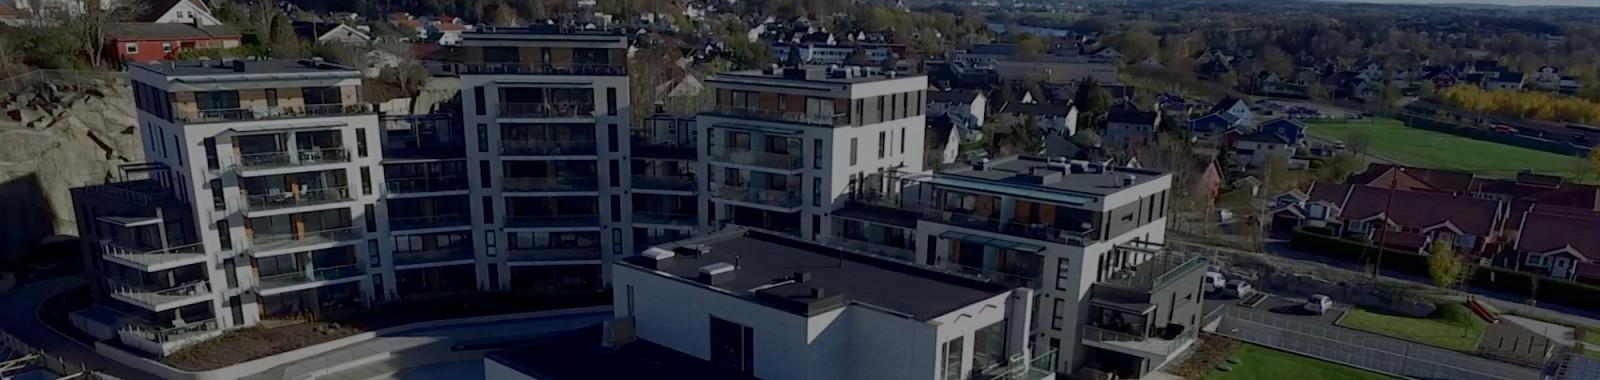 Opplev utsikten og utenomhusområdet på byggetrinn 1 og 2